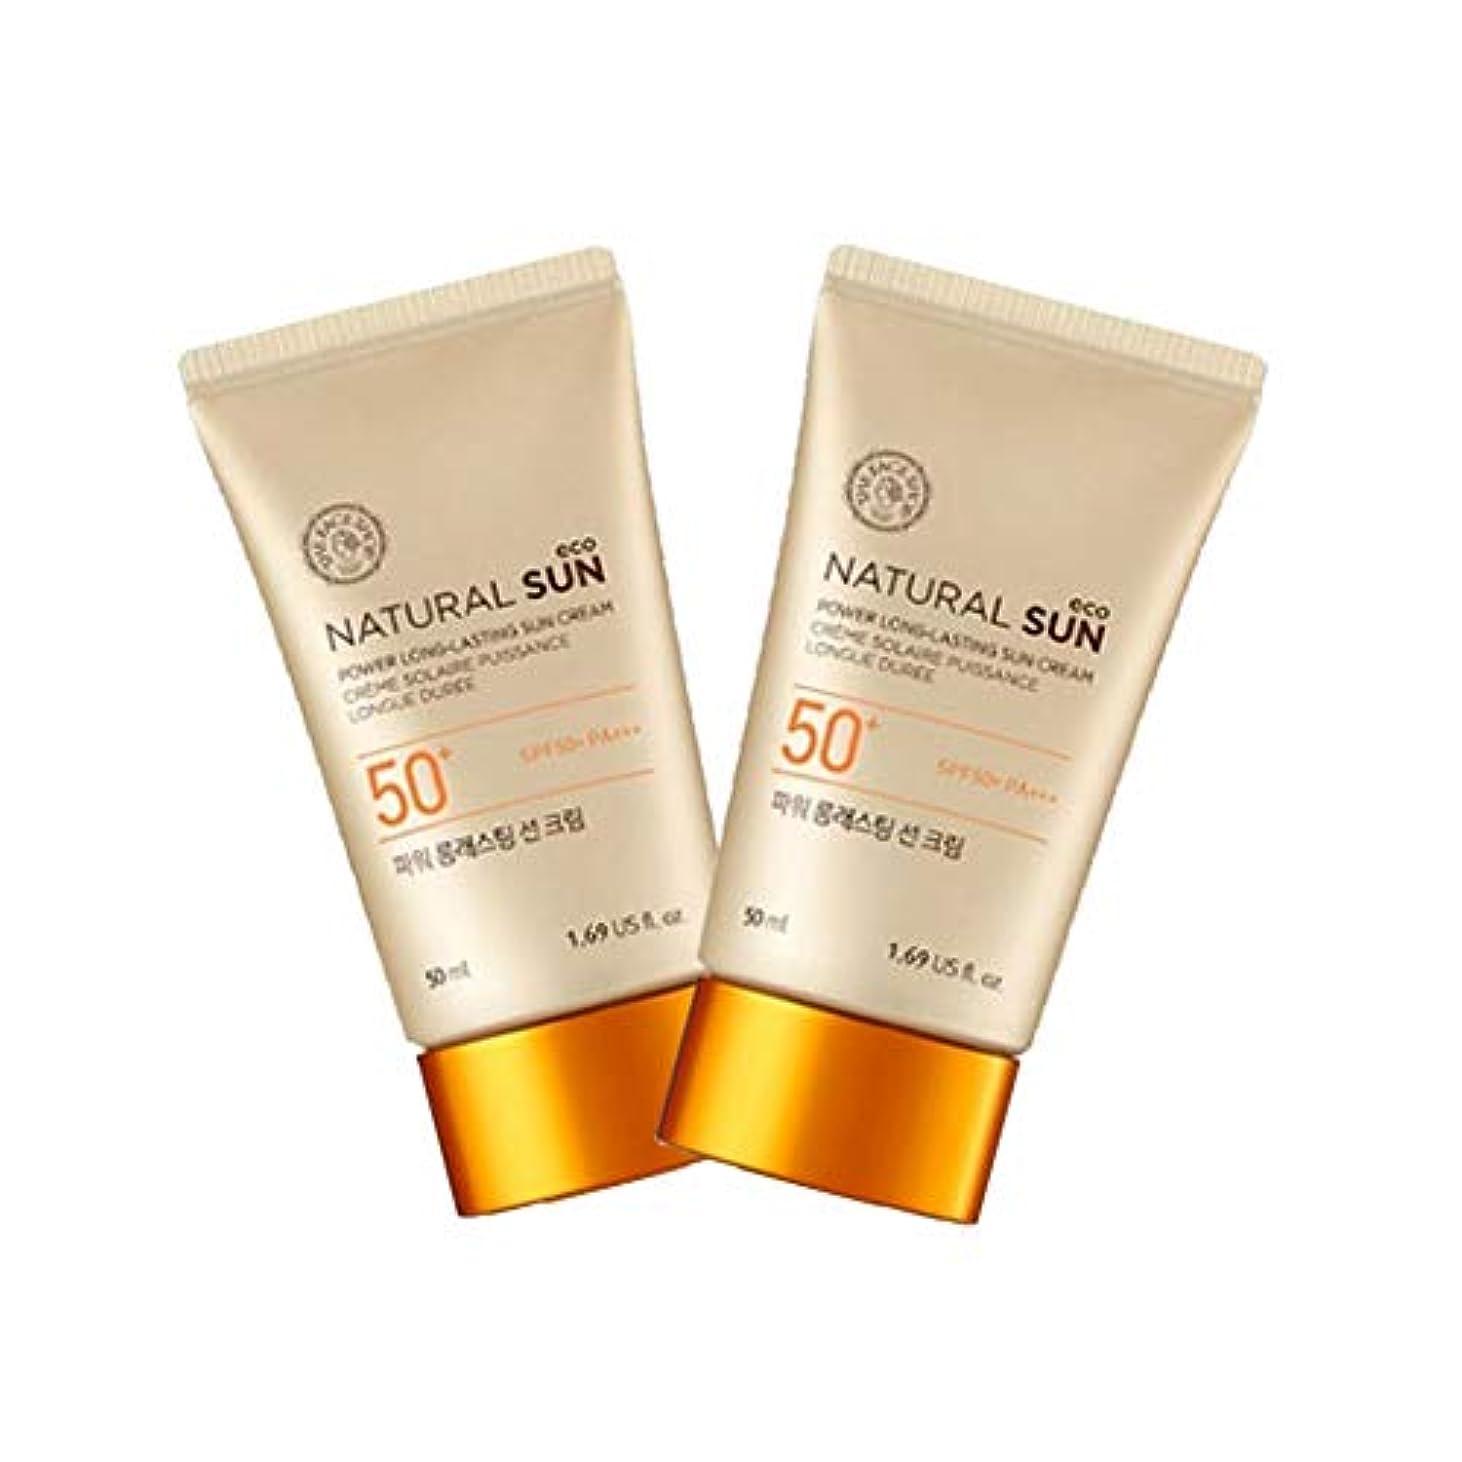 明るくするおびえたフルーツ野菜ザ?フェイスショップナチュラルサンエコパワーロングラスティングサンクリーム50mlx2本セット韓国コスメ、The Face Shop Natural Sun Eco Power Long Lasting Sun Cream 50ml x 2ea Set Korean Cosmetics [並行輸入品]